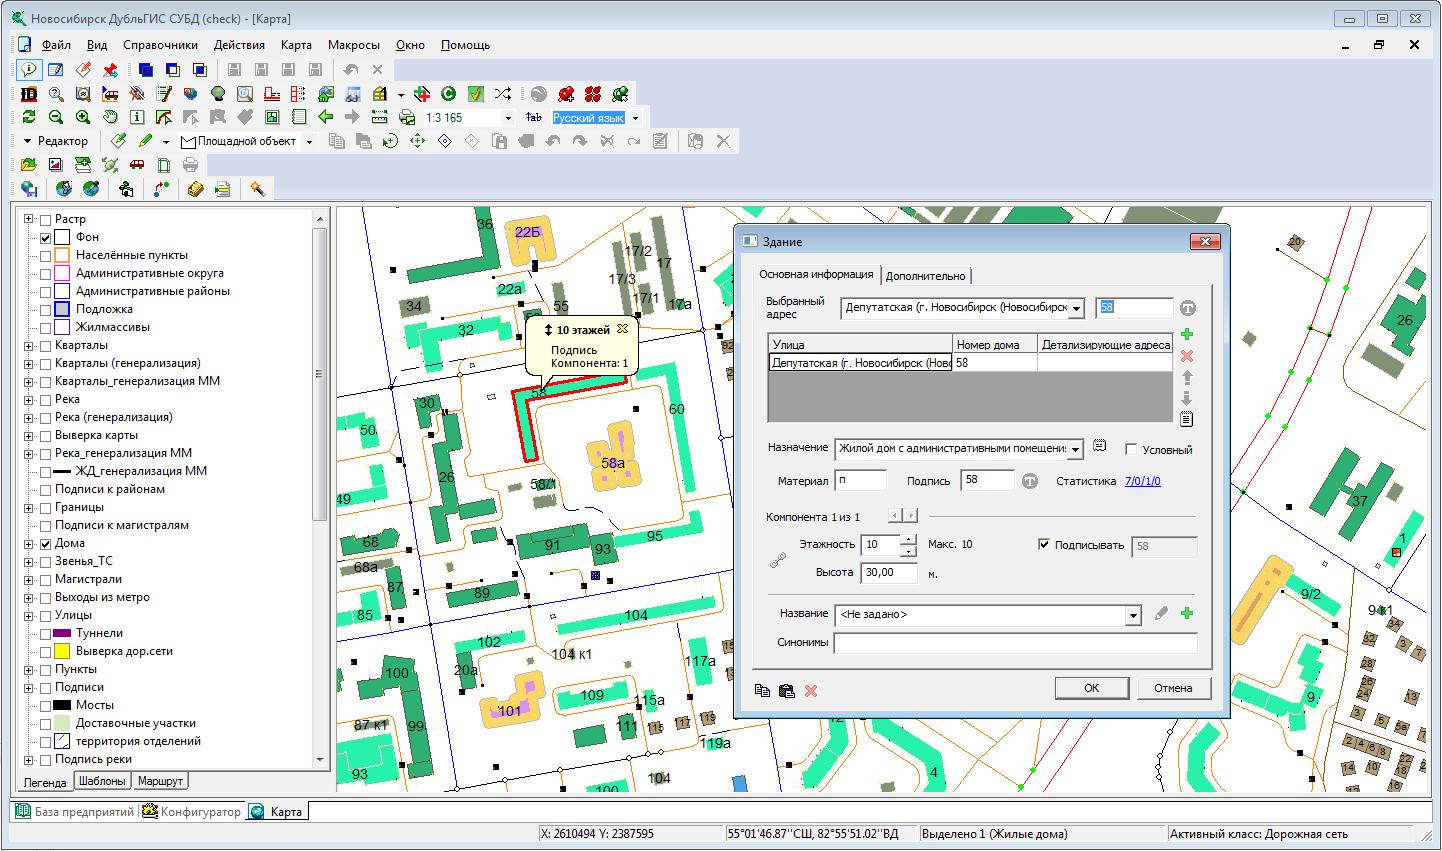 Программы для создания карт сайтов сайт компании benq